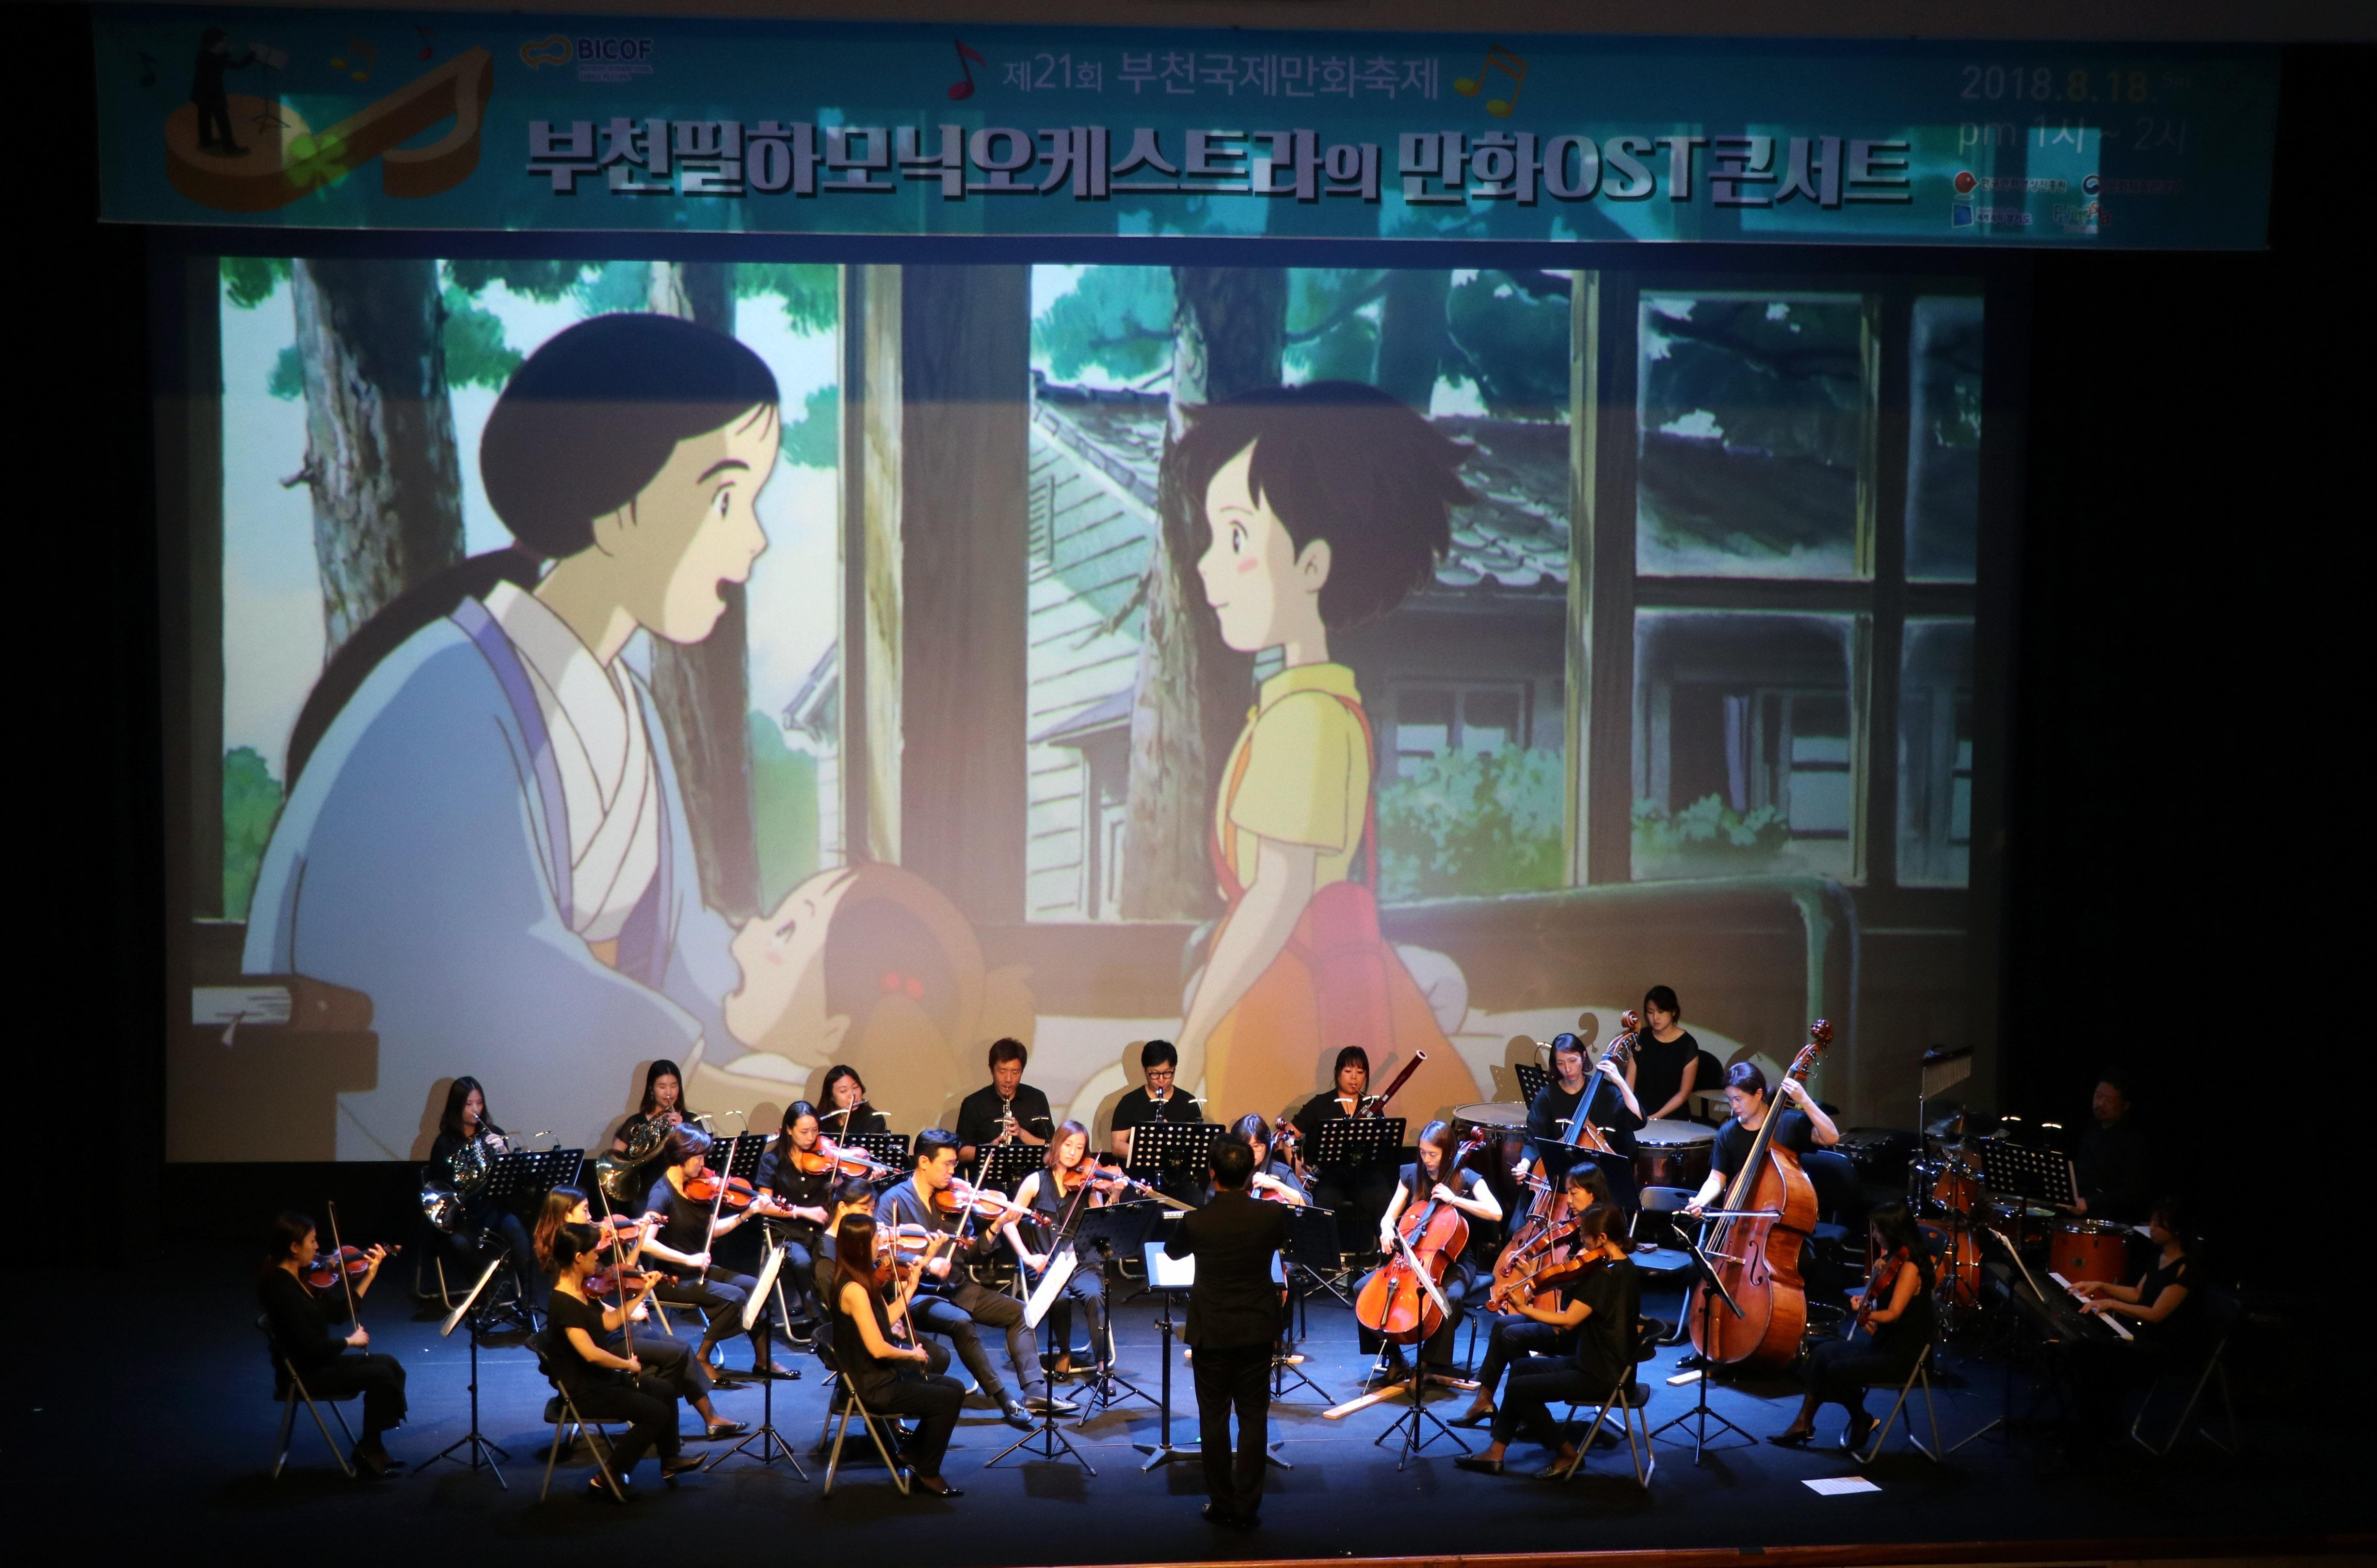 제21회 부천국제만화축제 '만화OST 콘서트'